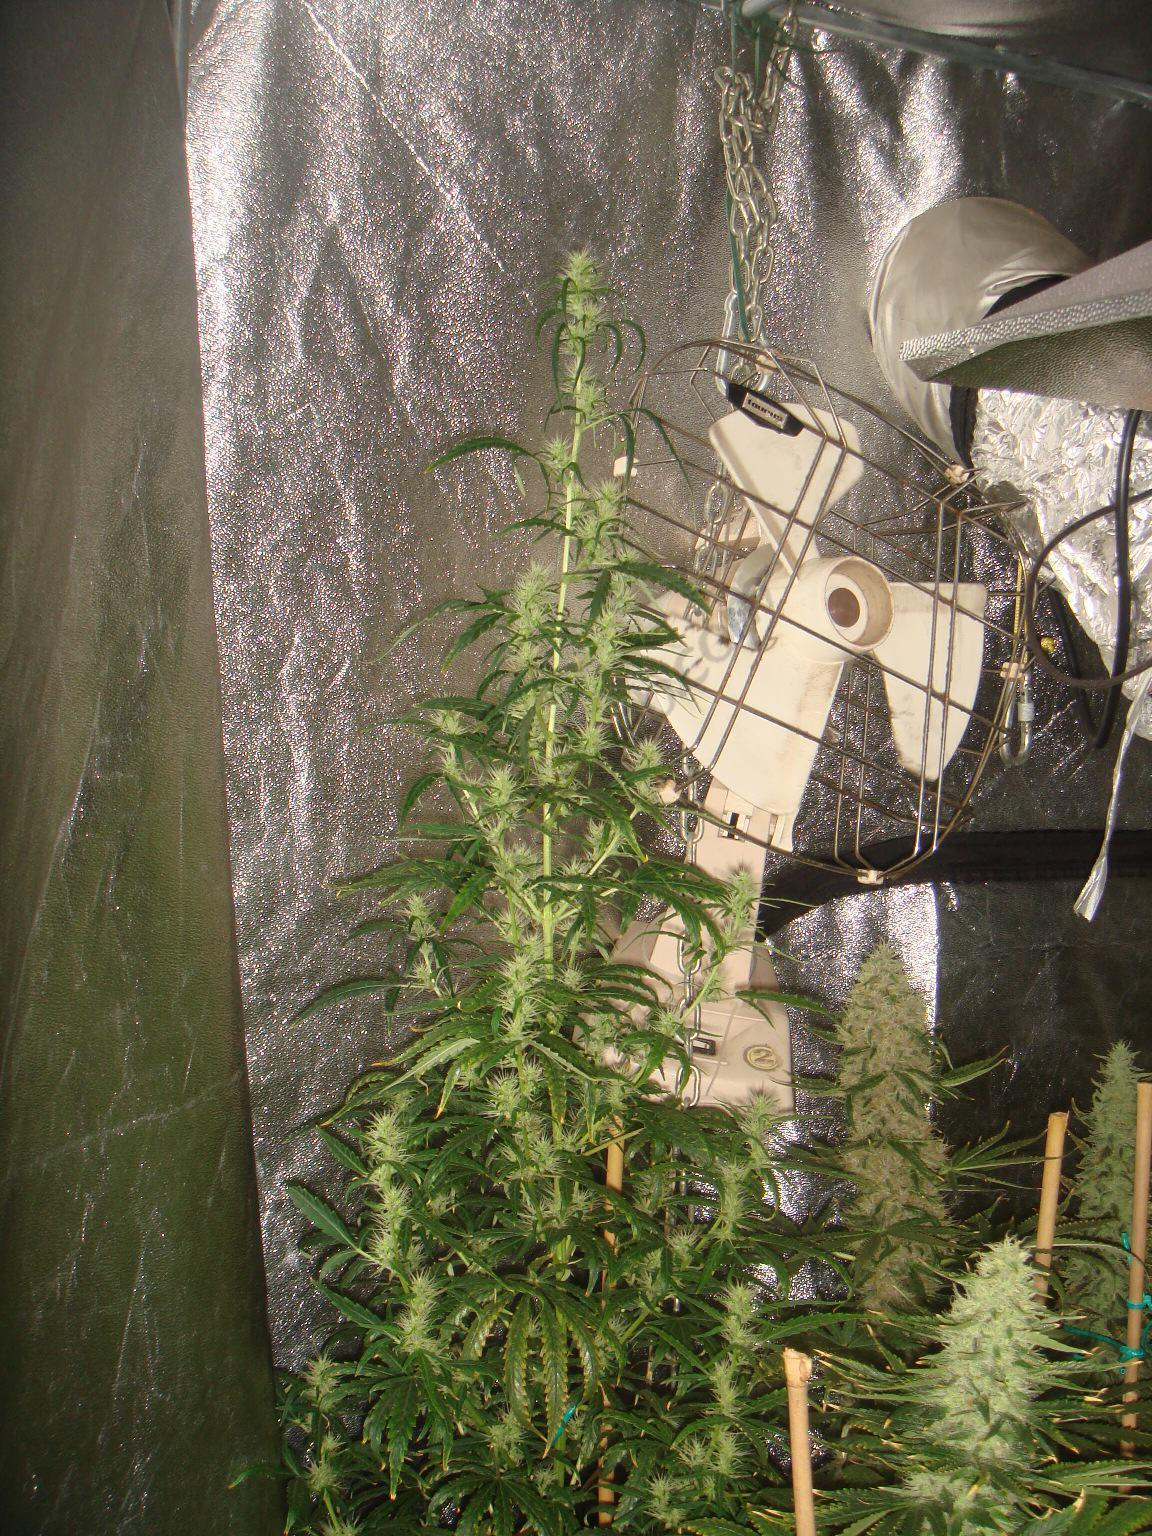 Planta de marihuana Sativa a l'esquerra. Quan els híbrids ja estan gairebé per collir, les Satives pures només estan començant a florir.